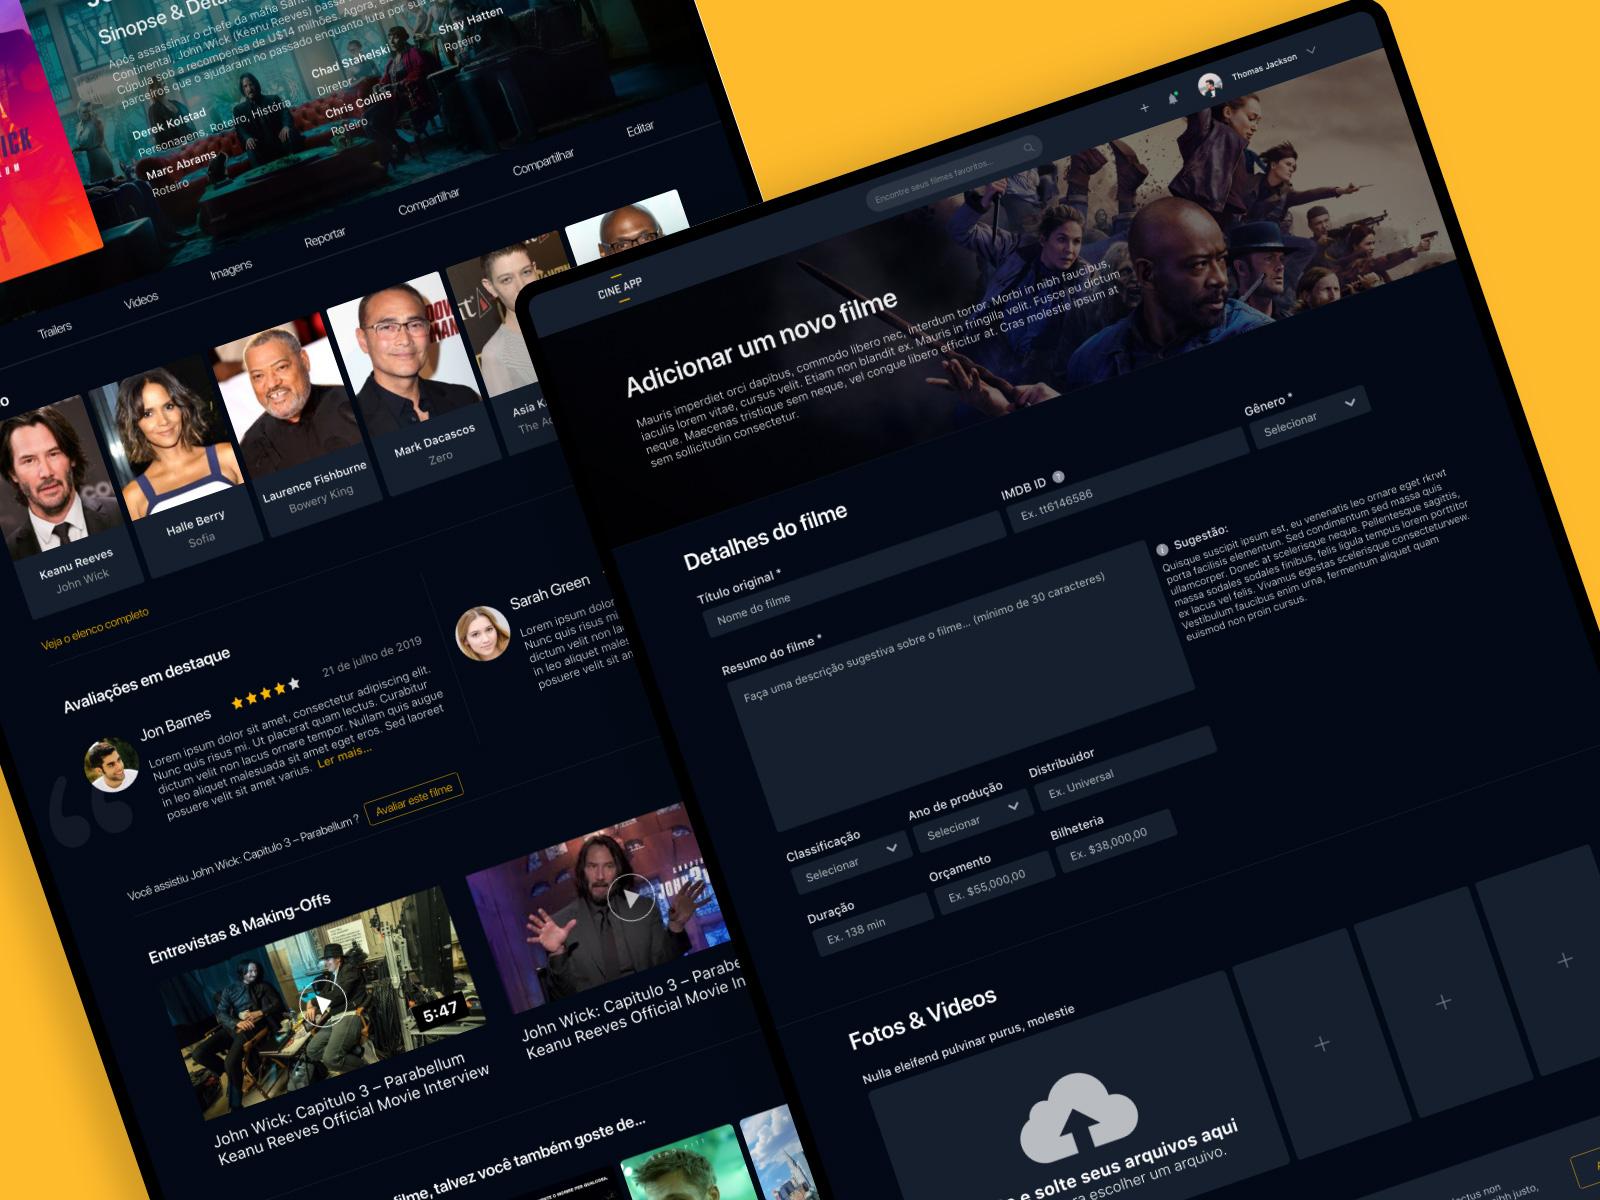 电影列表和评论网站页面应用程序概念设计模板插图